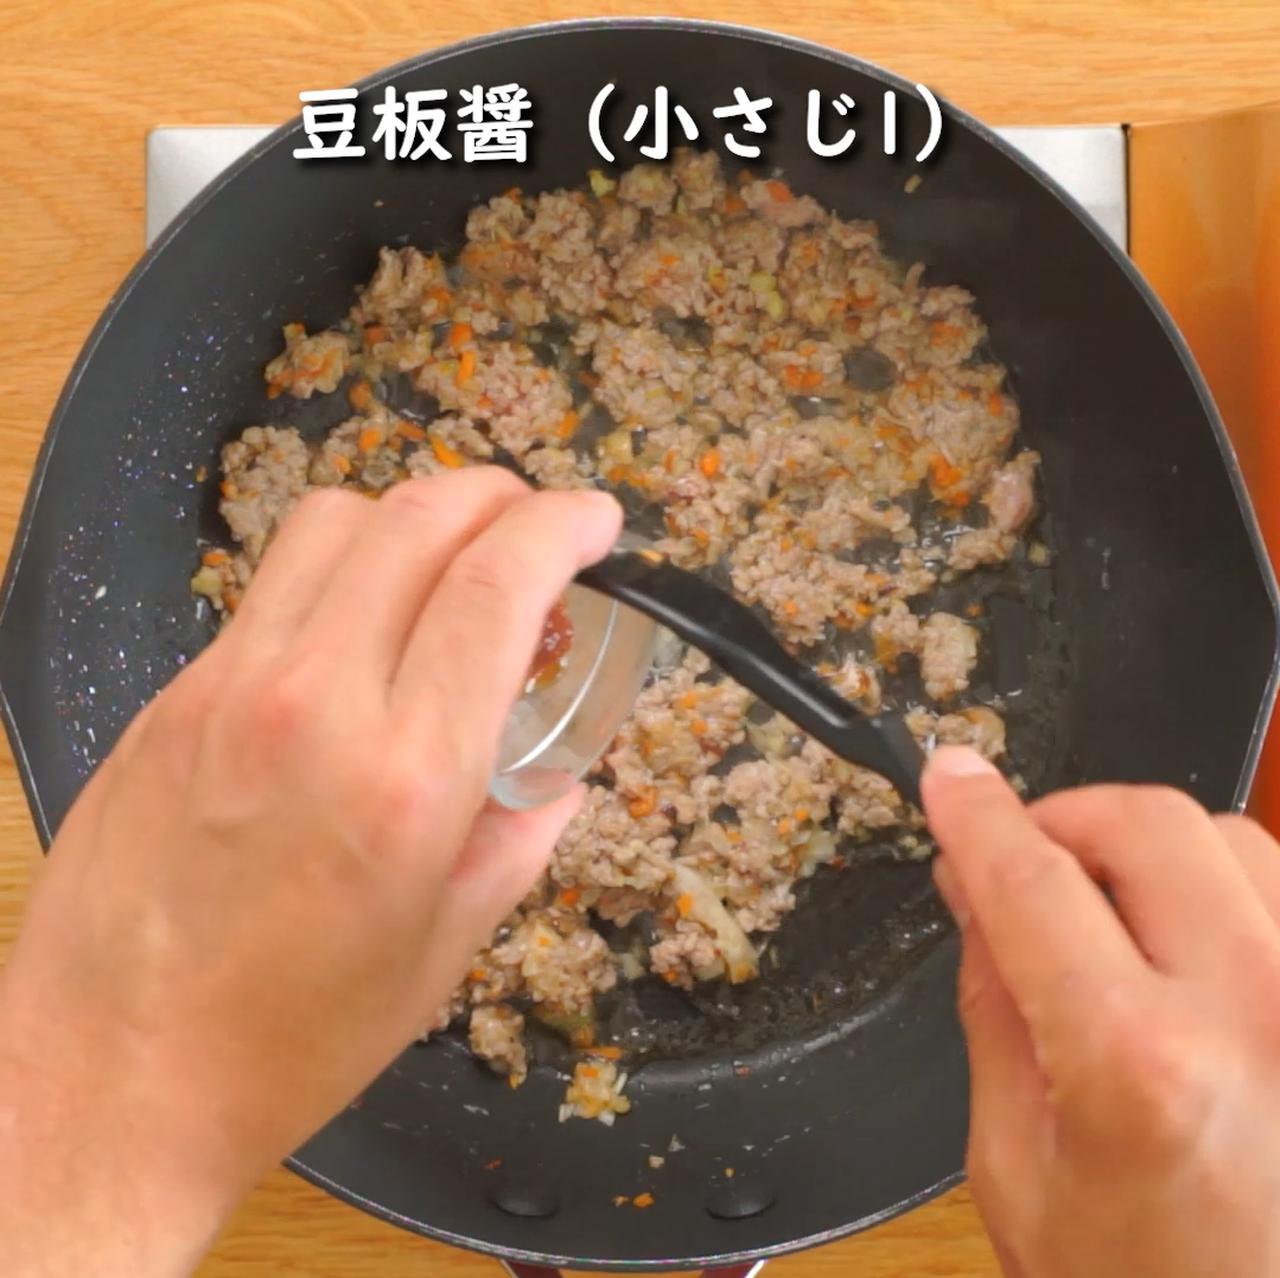 画像13: 特定原材料7品目不使用 レシピ